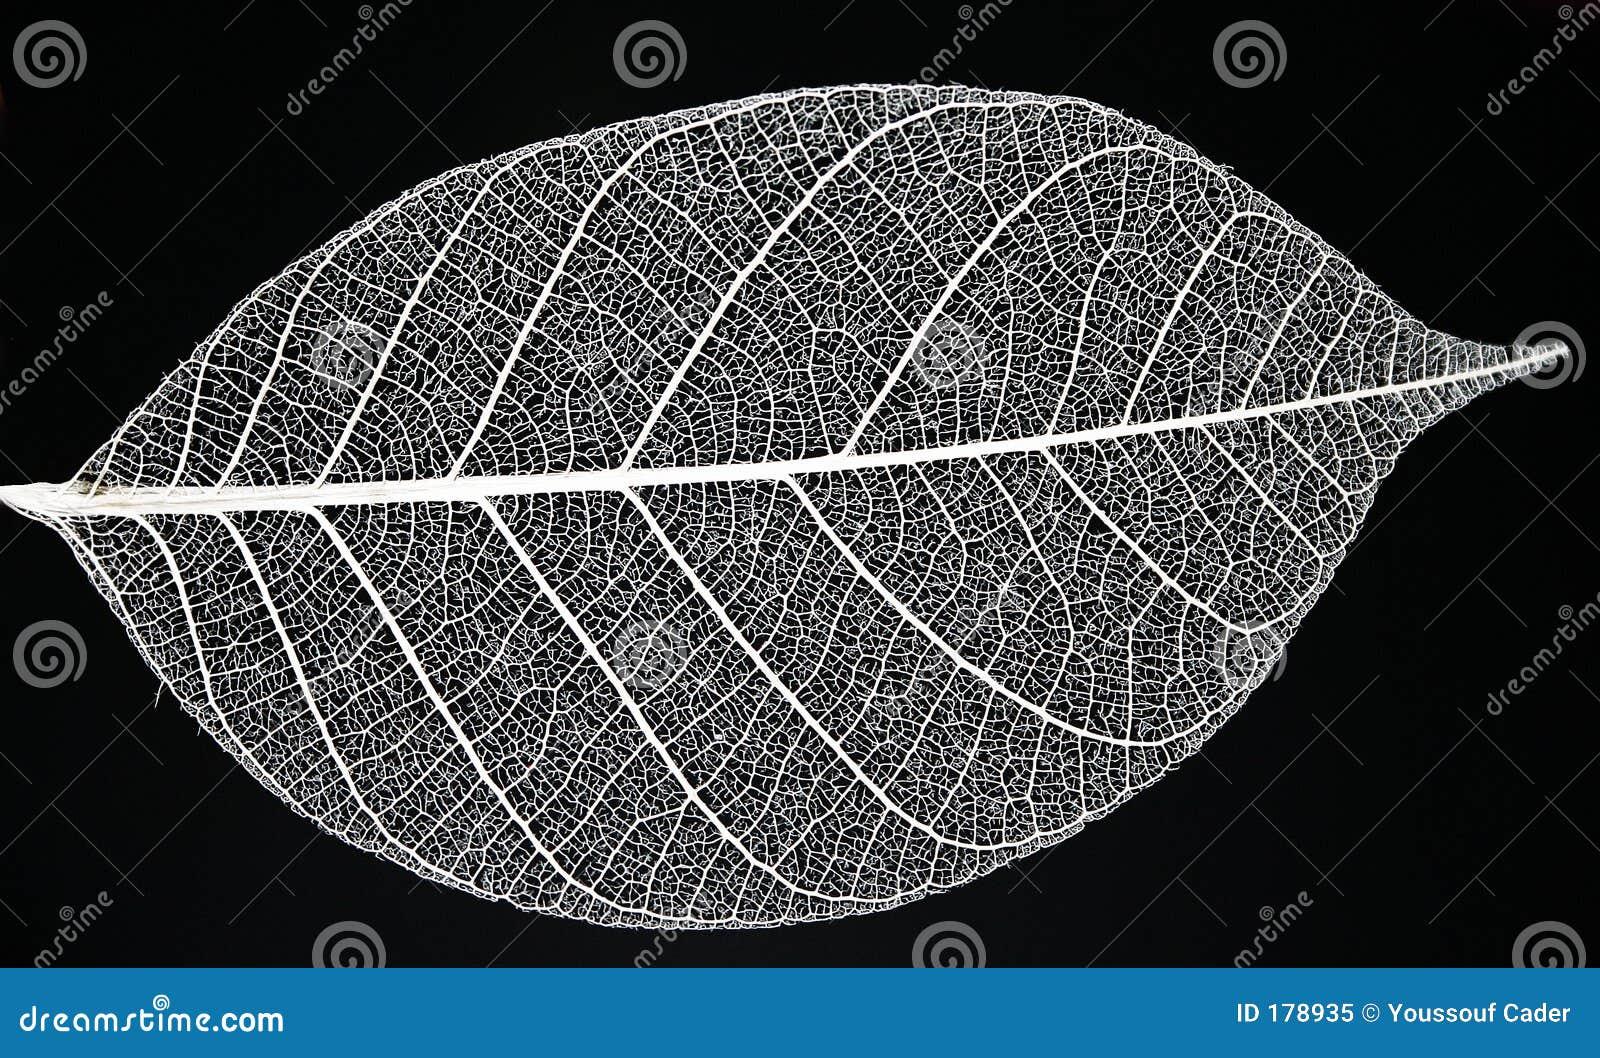 Download Leaf Skeleton stock image. Image of full, concept, element - 178935